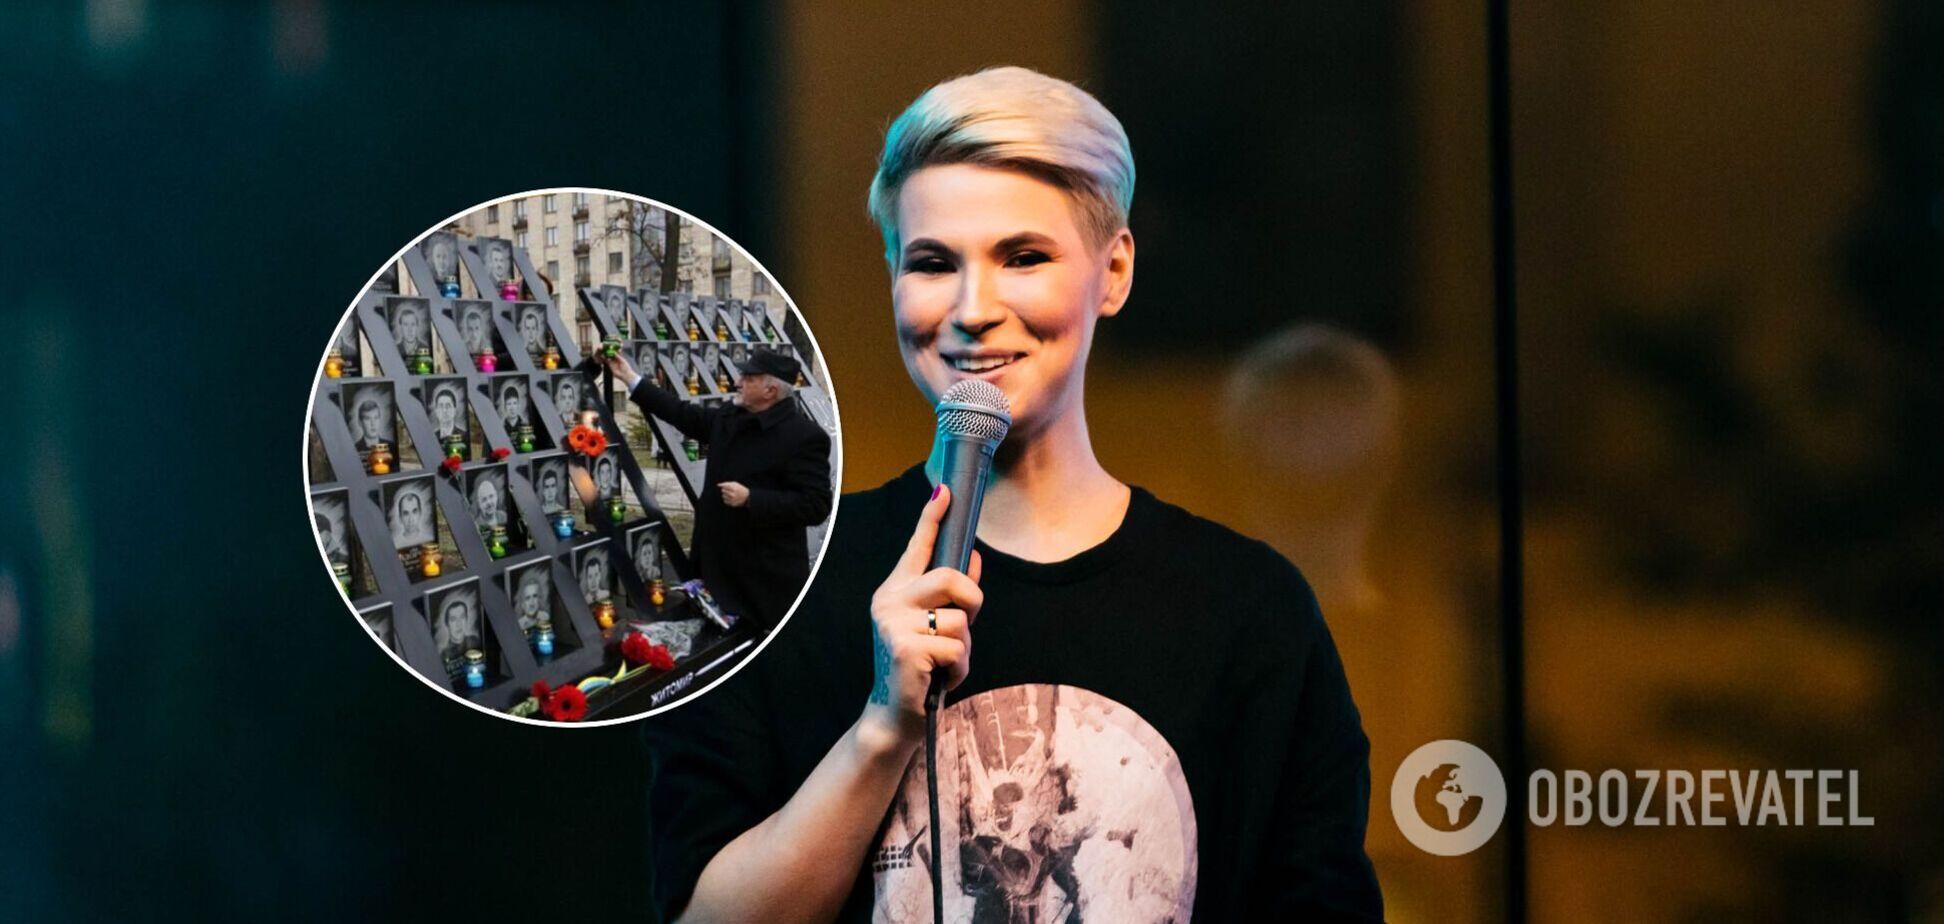 В сети разгорелся скандал из-за концерта российского 'Женского стендапа' на Майдане